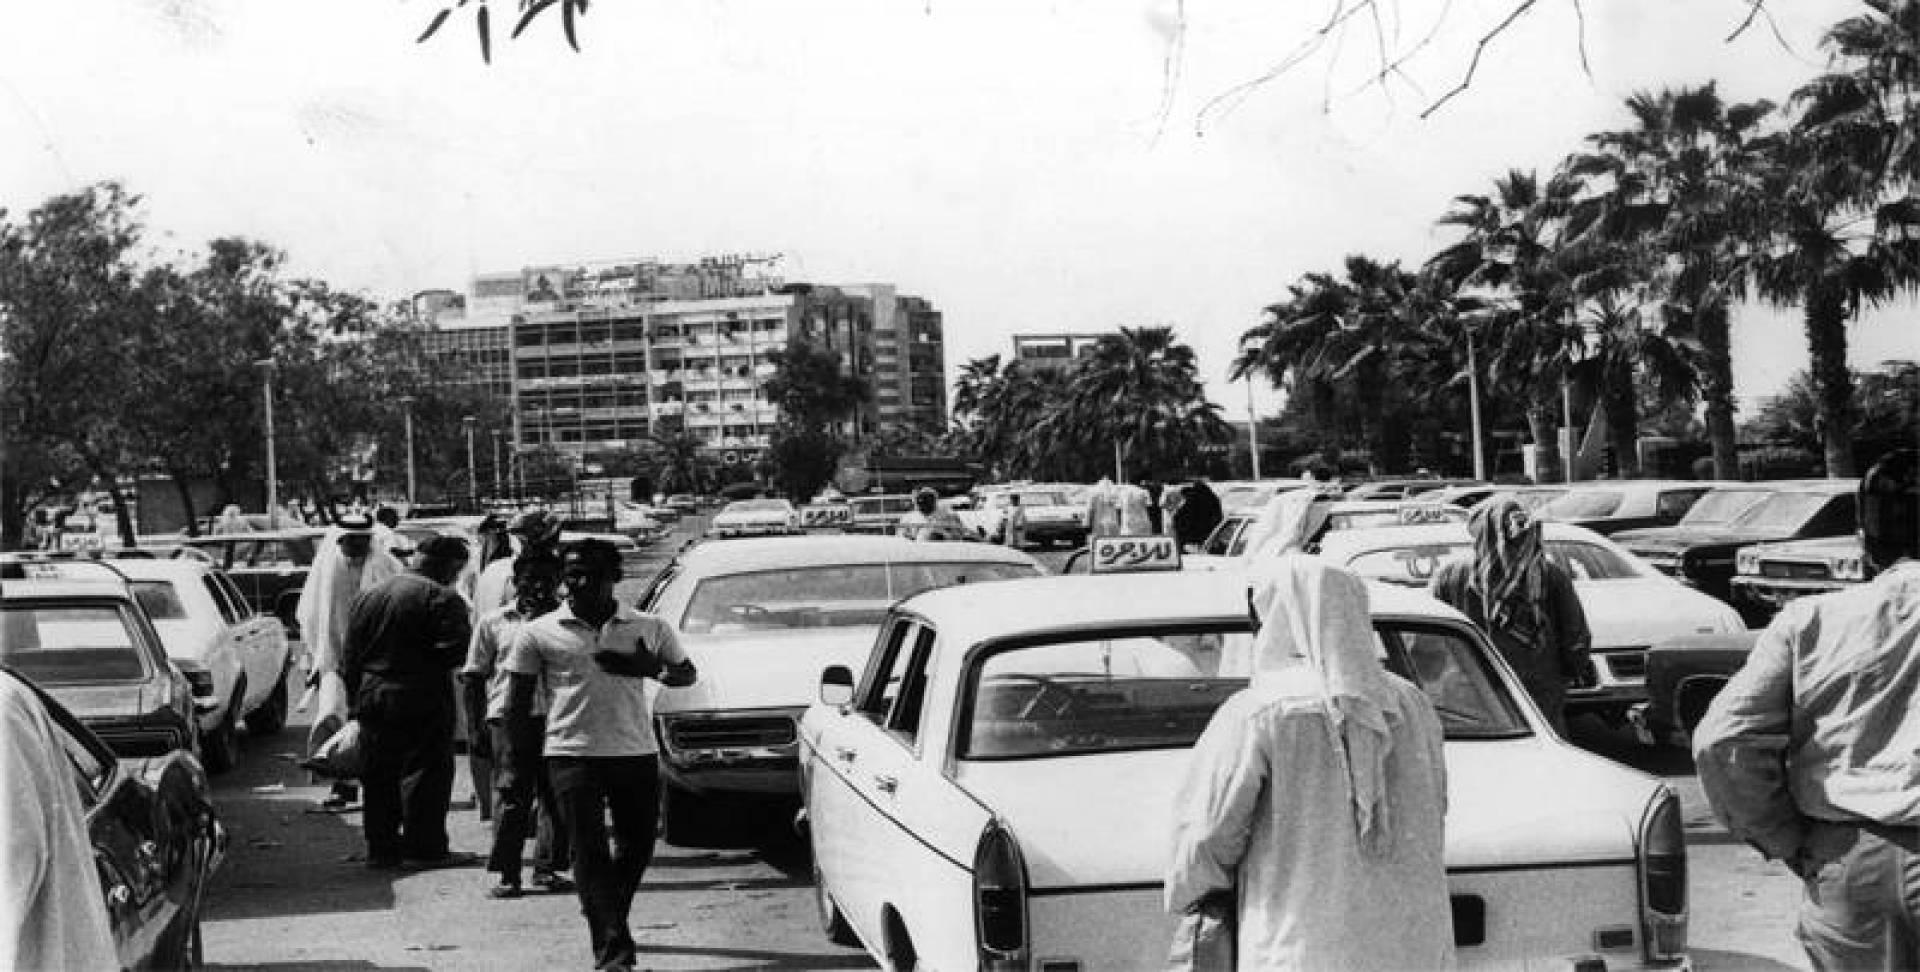 ازدحام في موقف سيارات الأجرة بالكويت قديمًا.. أرشيفية